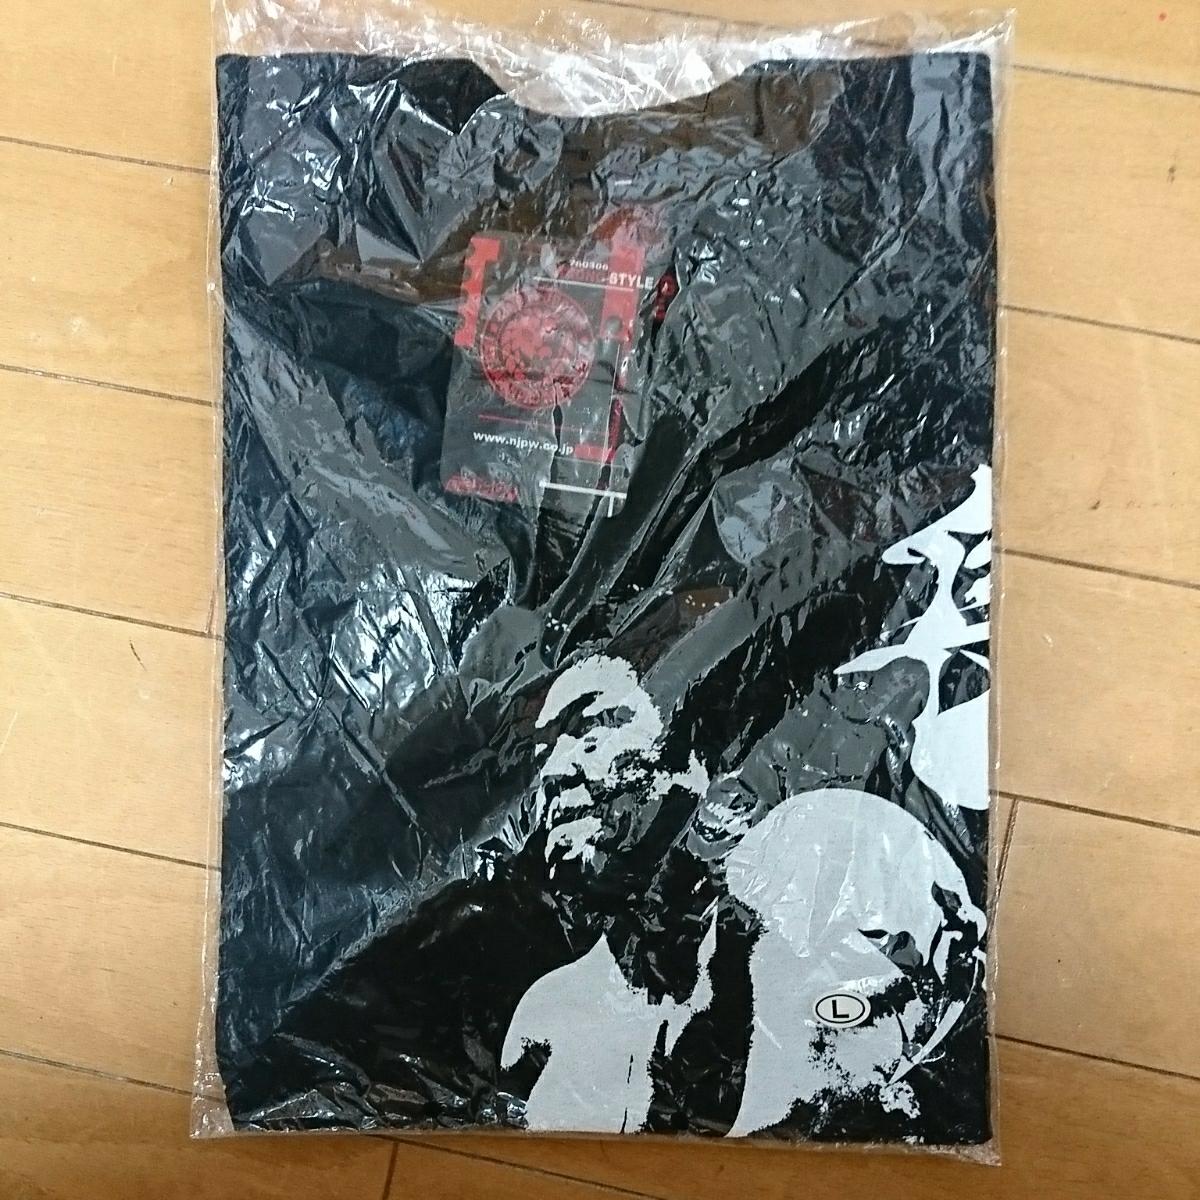 新品 未使用 新日本プロレス 長州力 白黒フォト Tシャツ闘魂ショップ サイズL グッズの画像